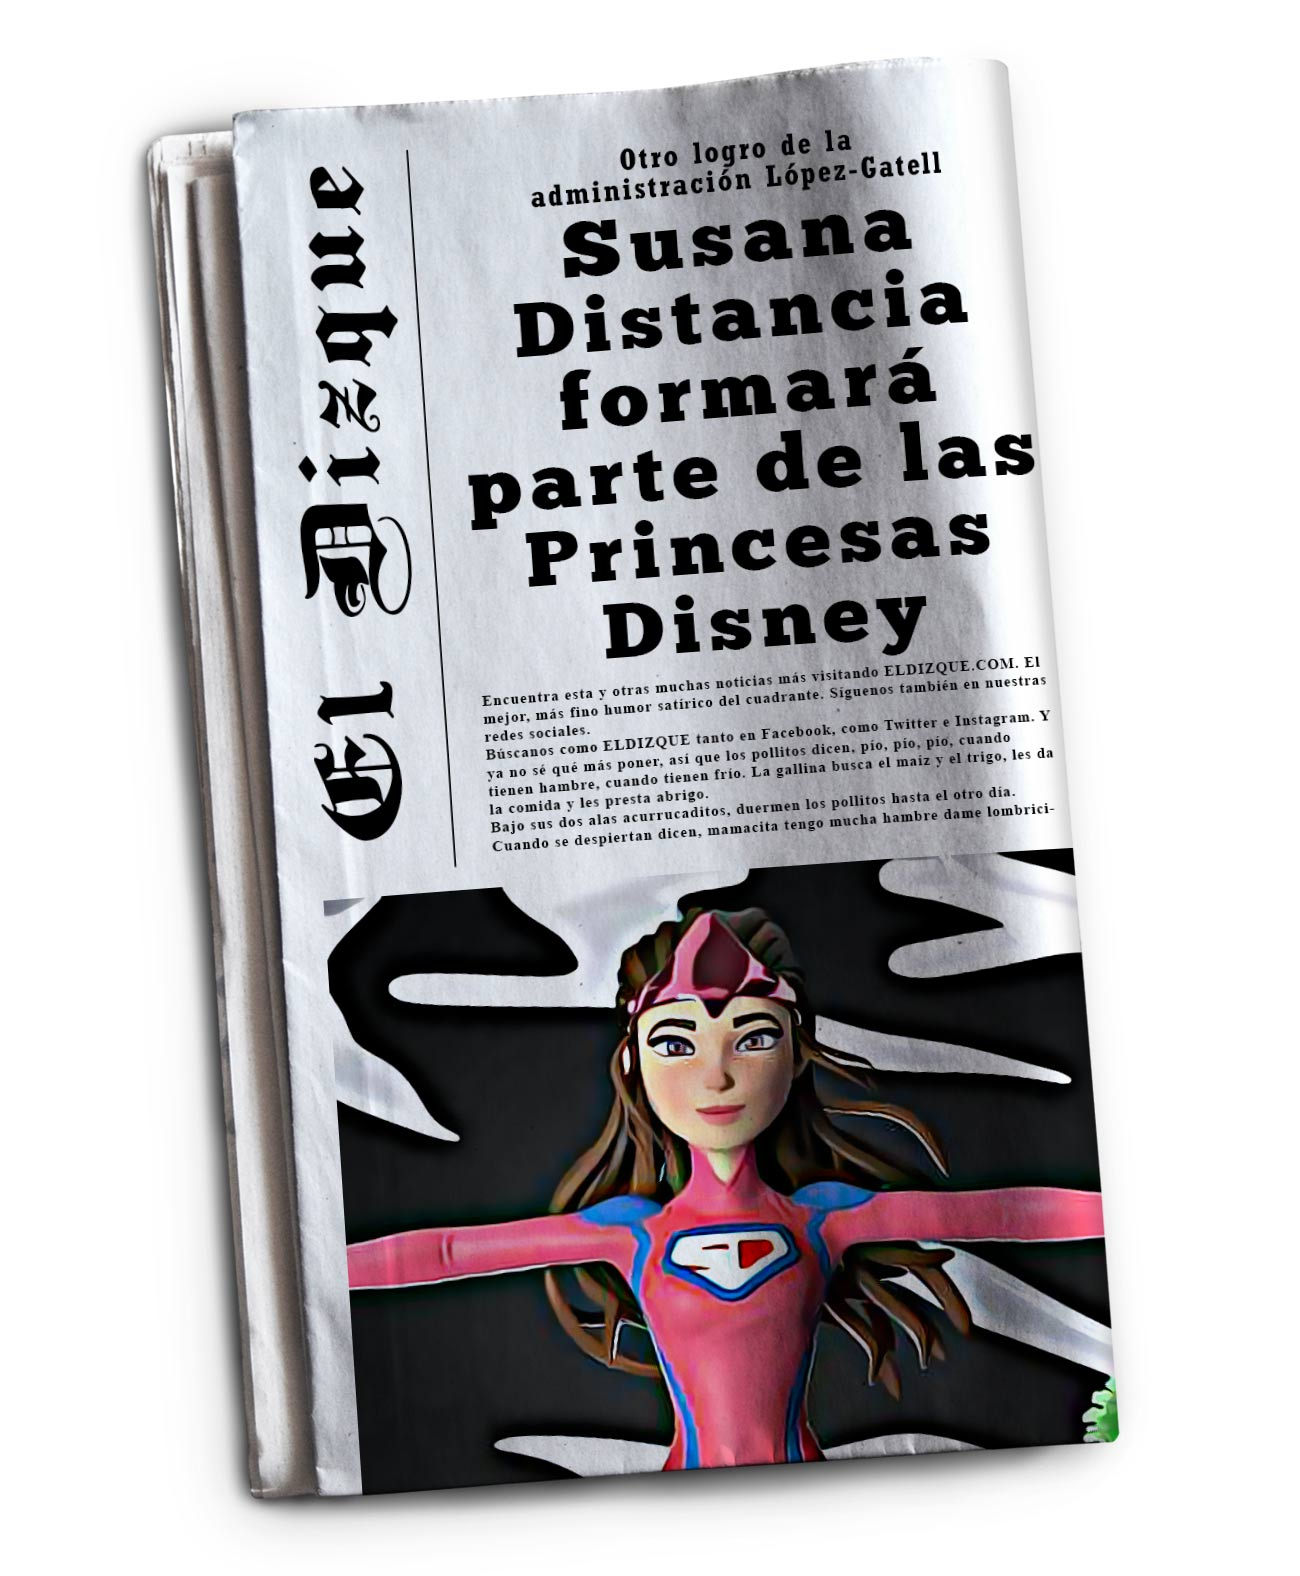 Susana Distancia formará parte de las Princesas Disney